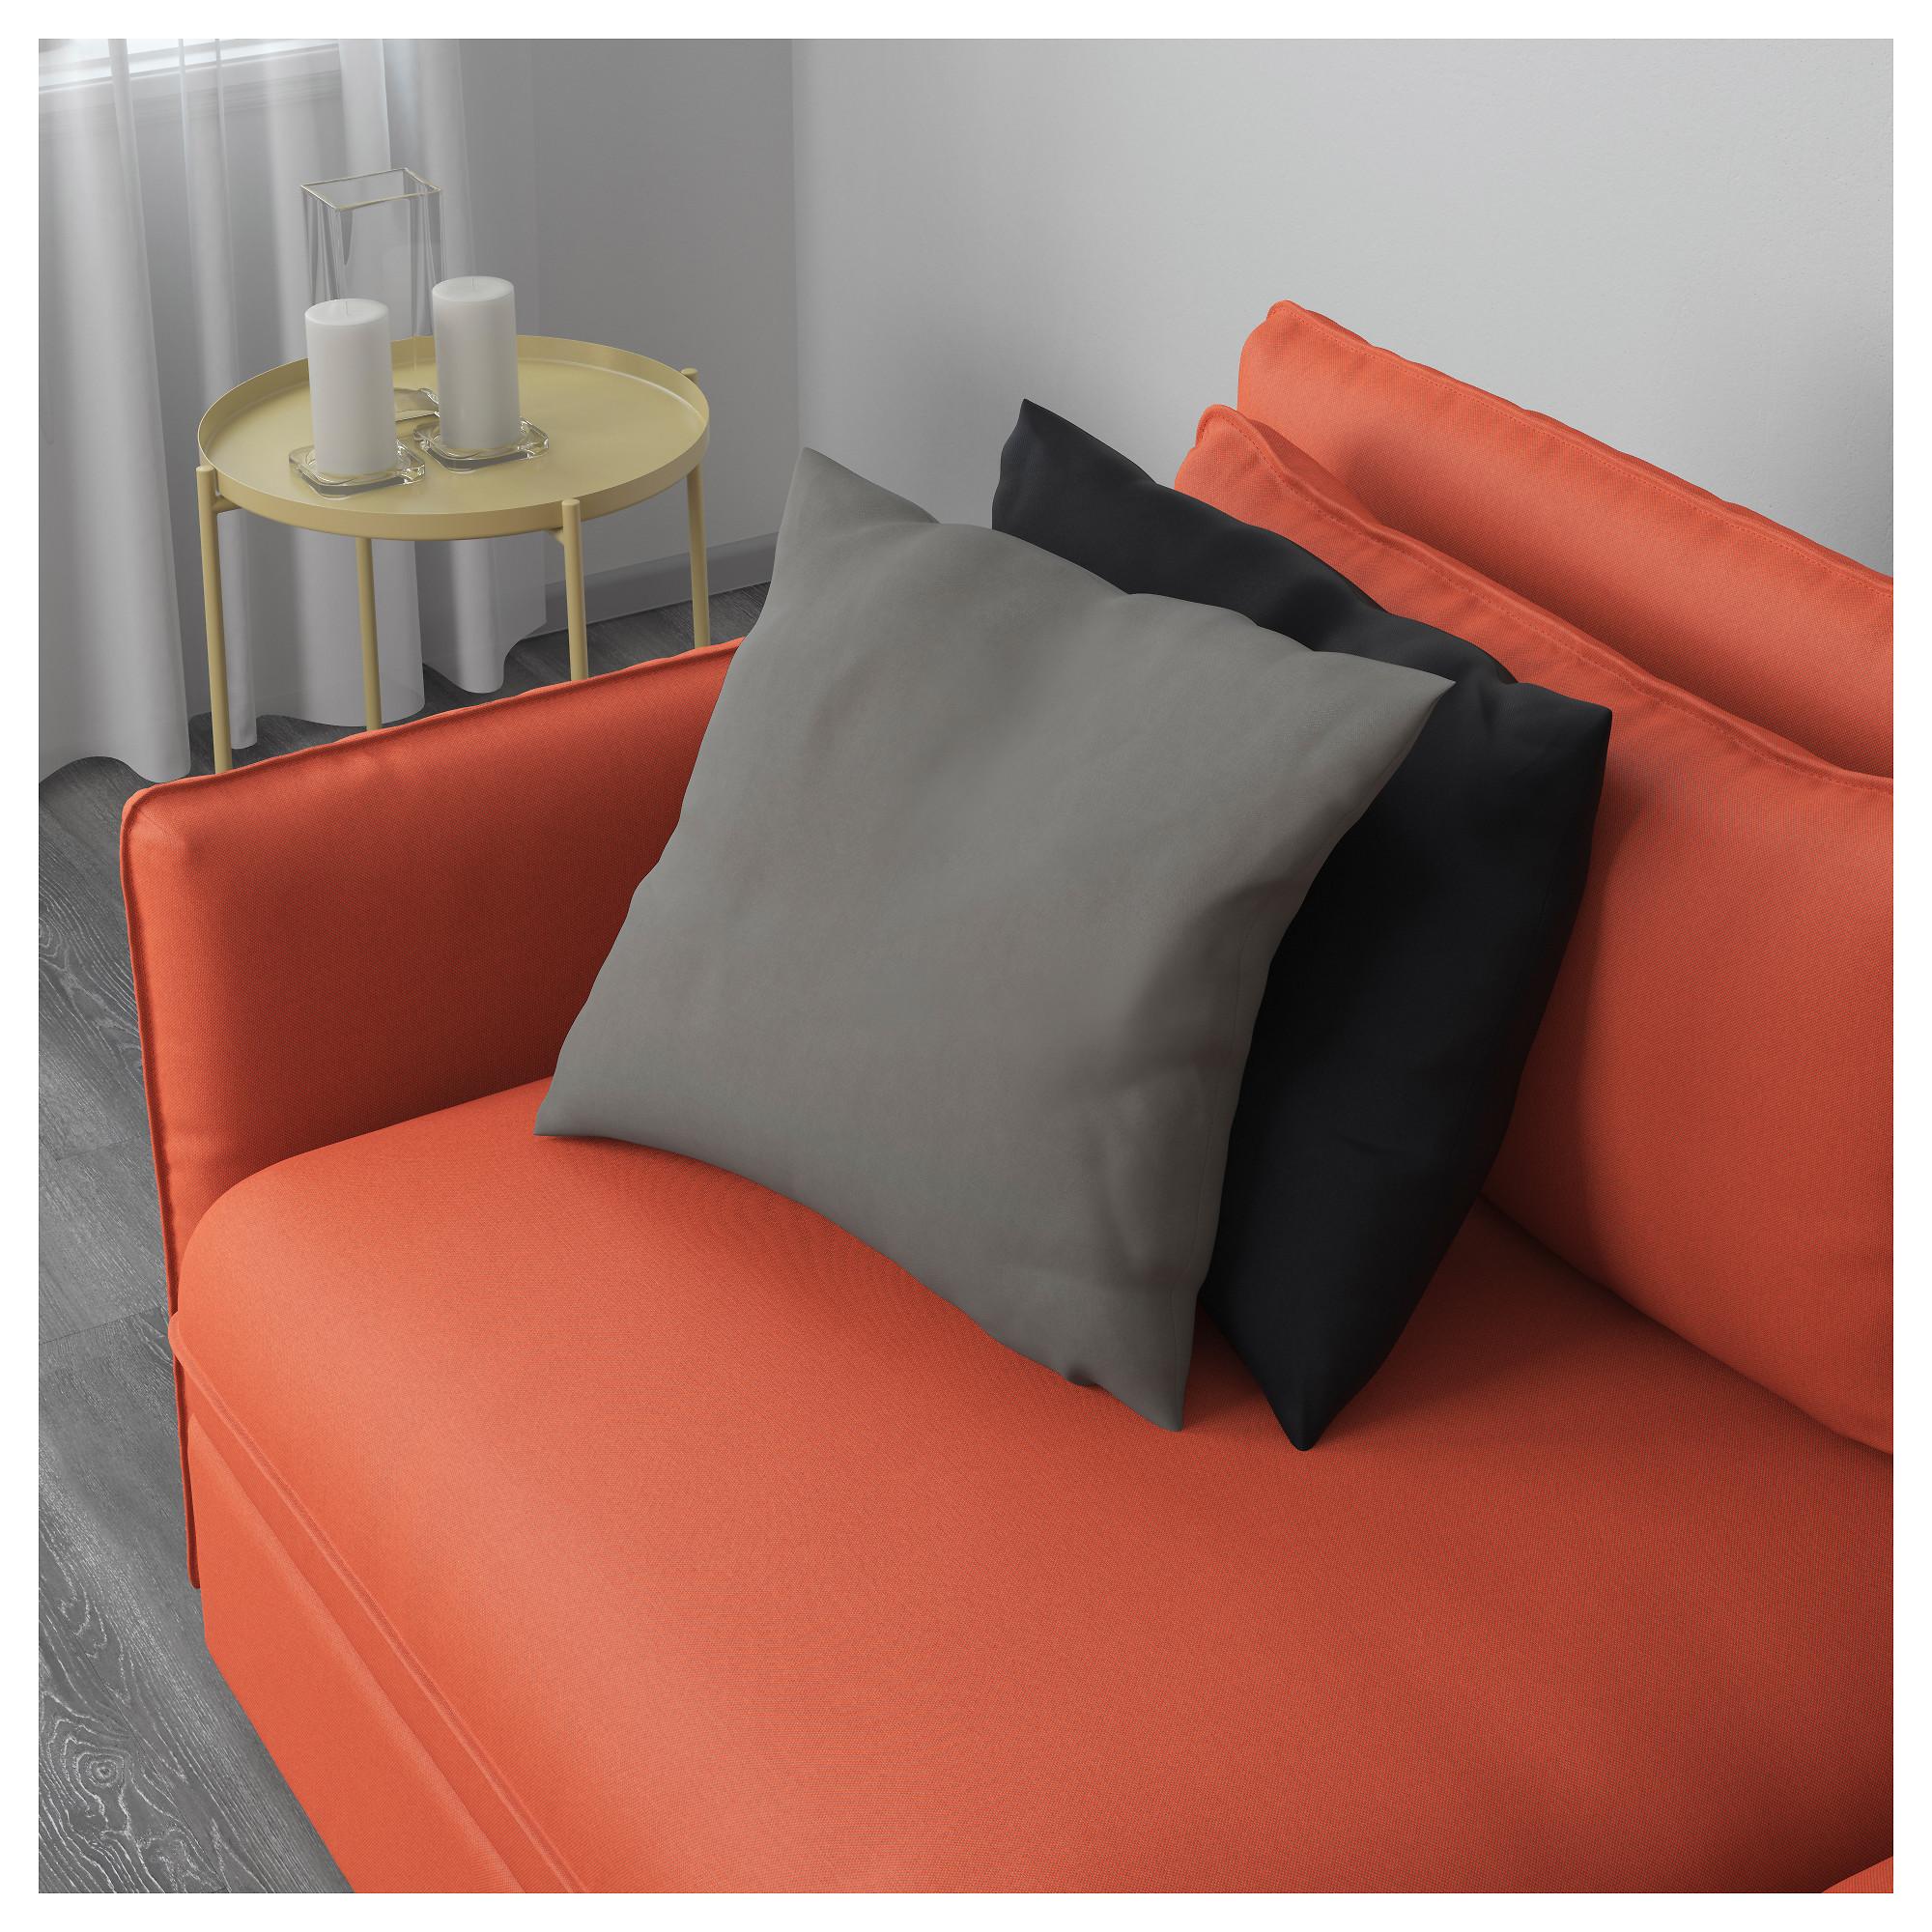 диваны кресла кровати б/у купить на авито пятигорск